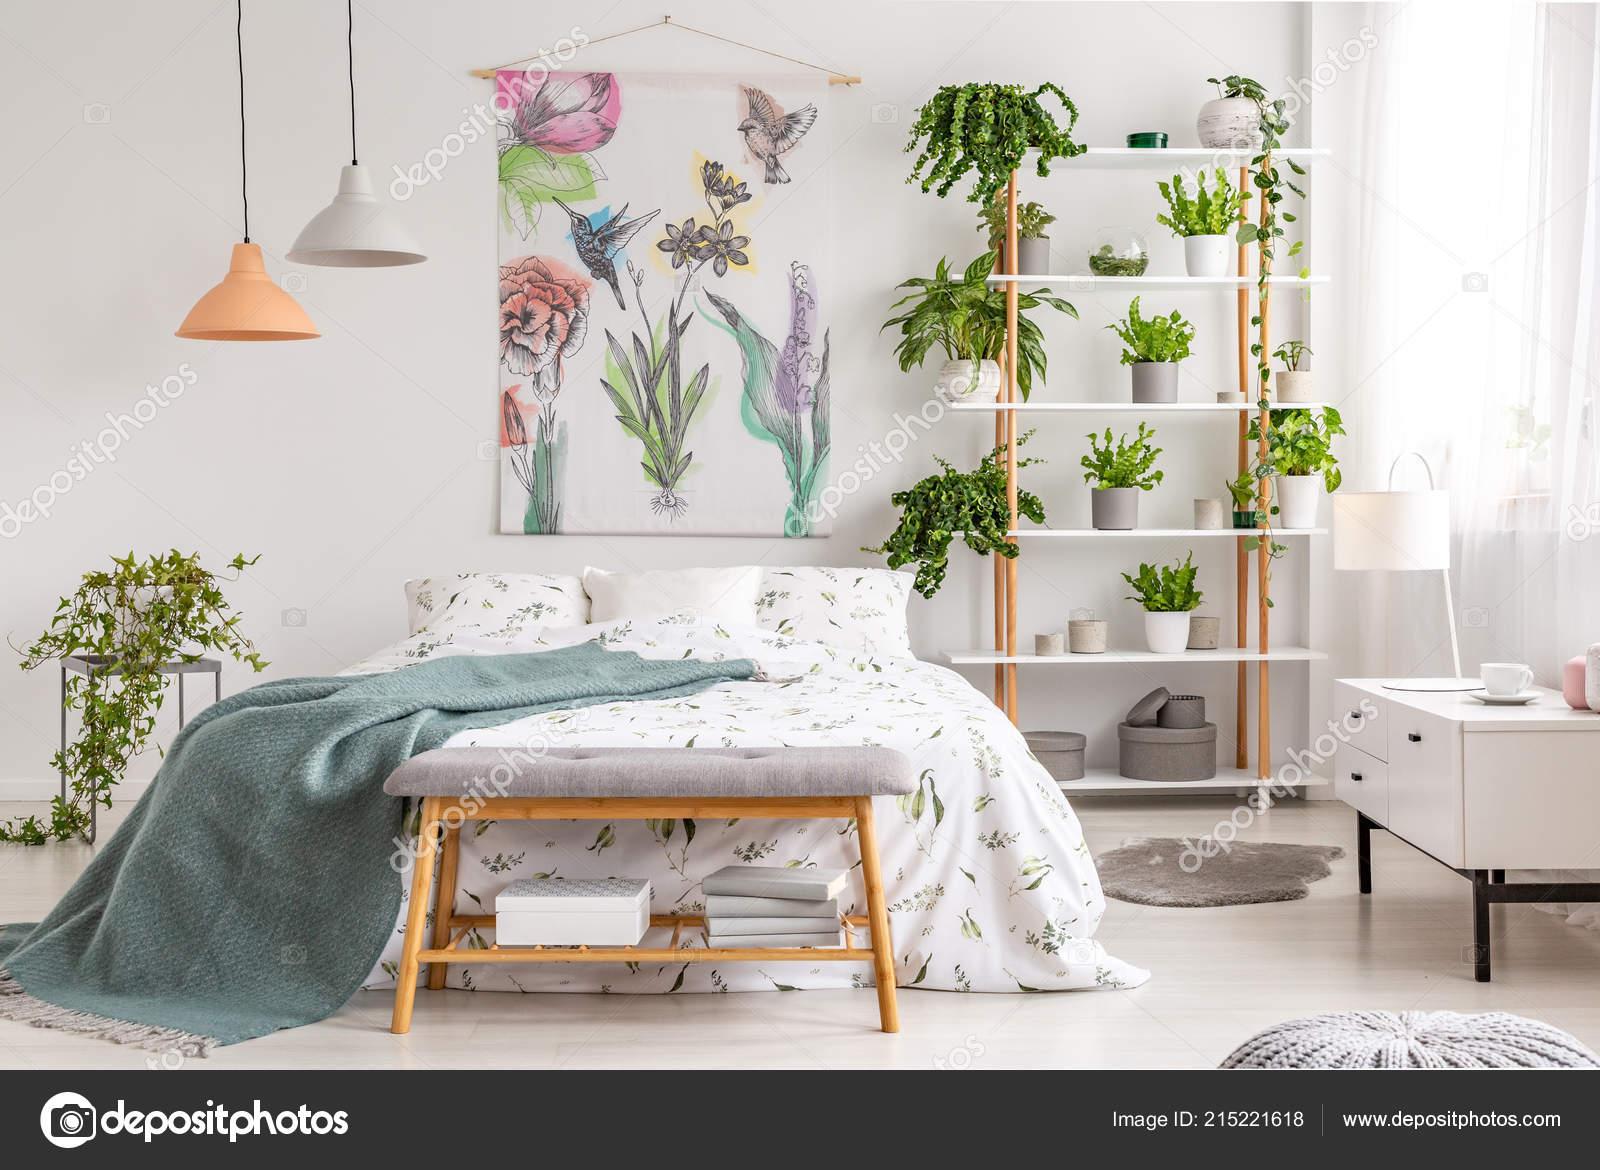 Dicht bij natuur lichte slaapkamer interieur met een bed bedekt